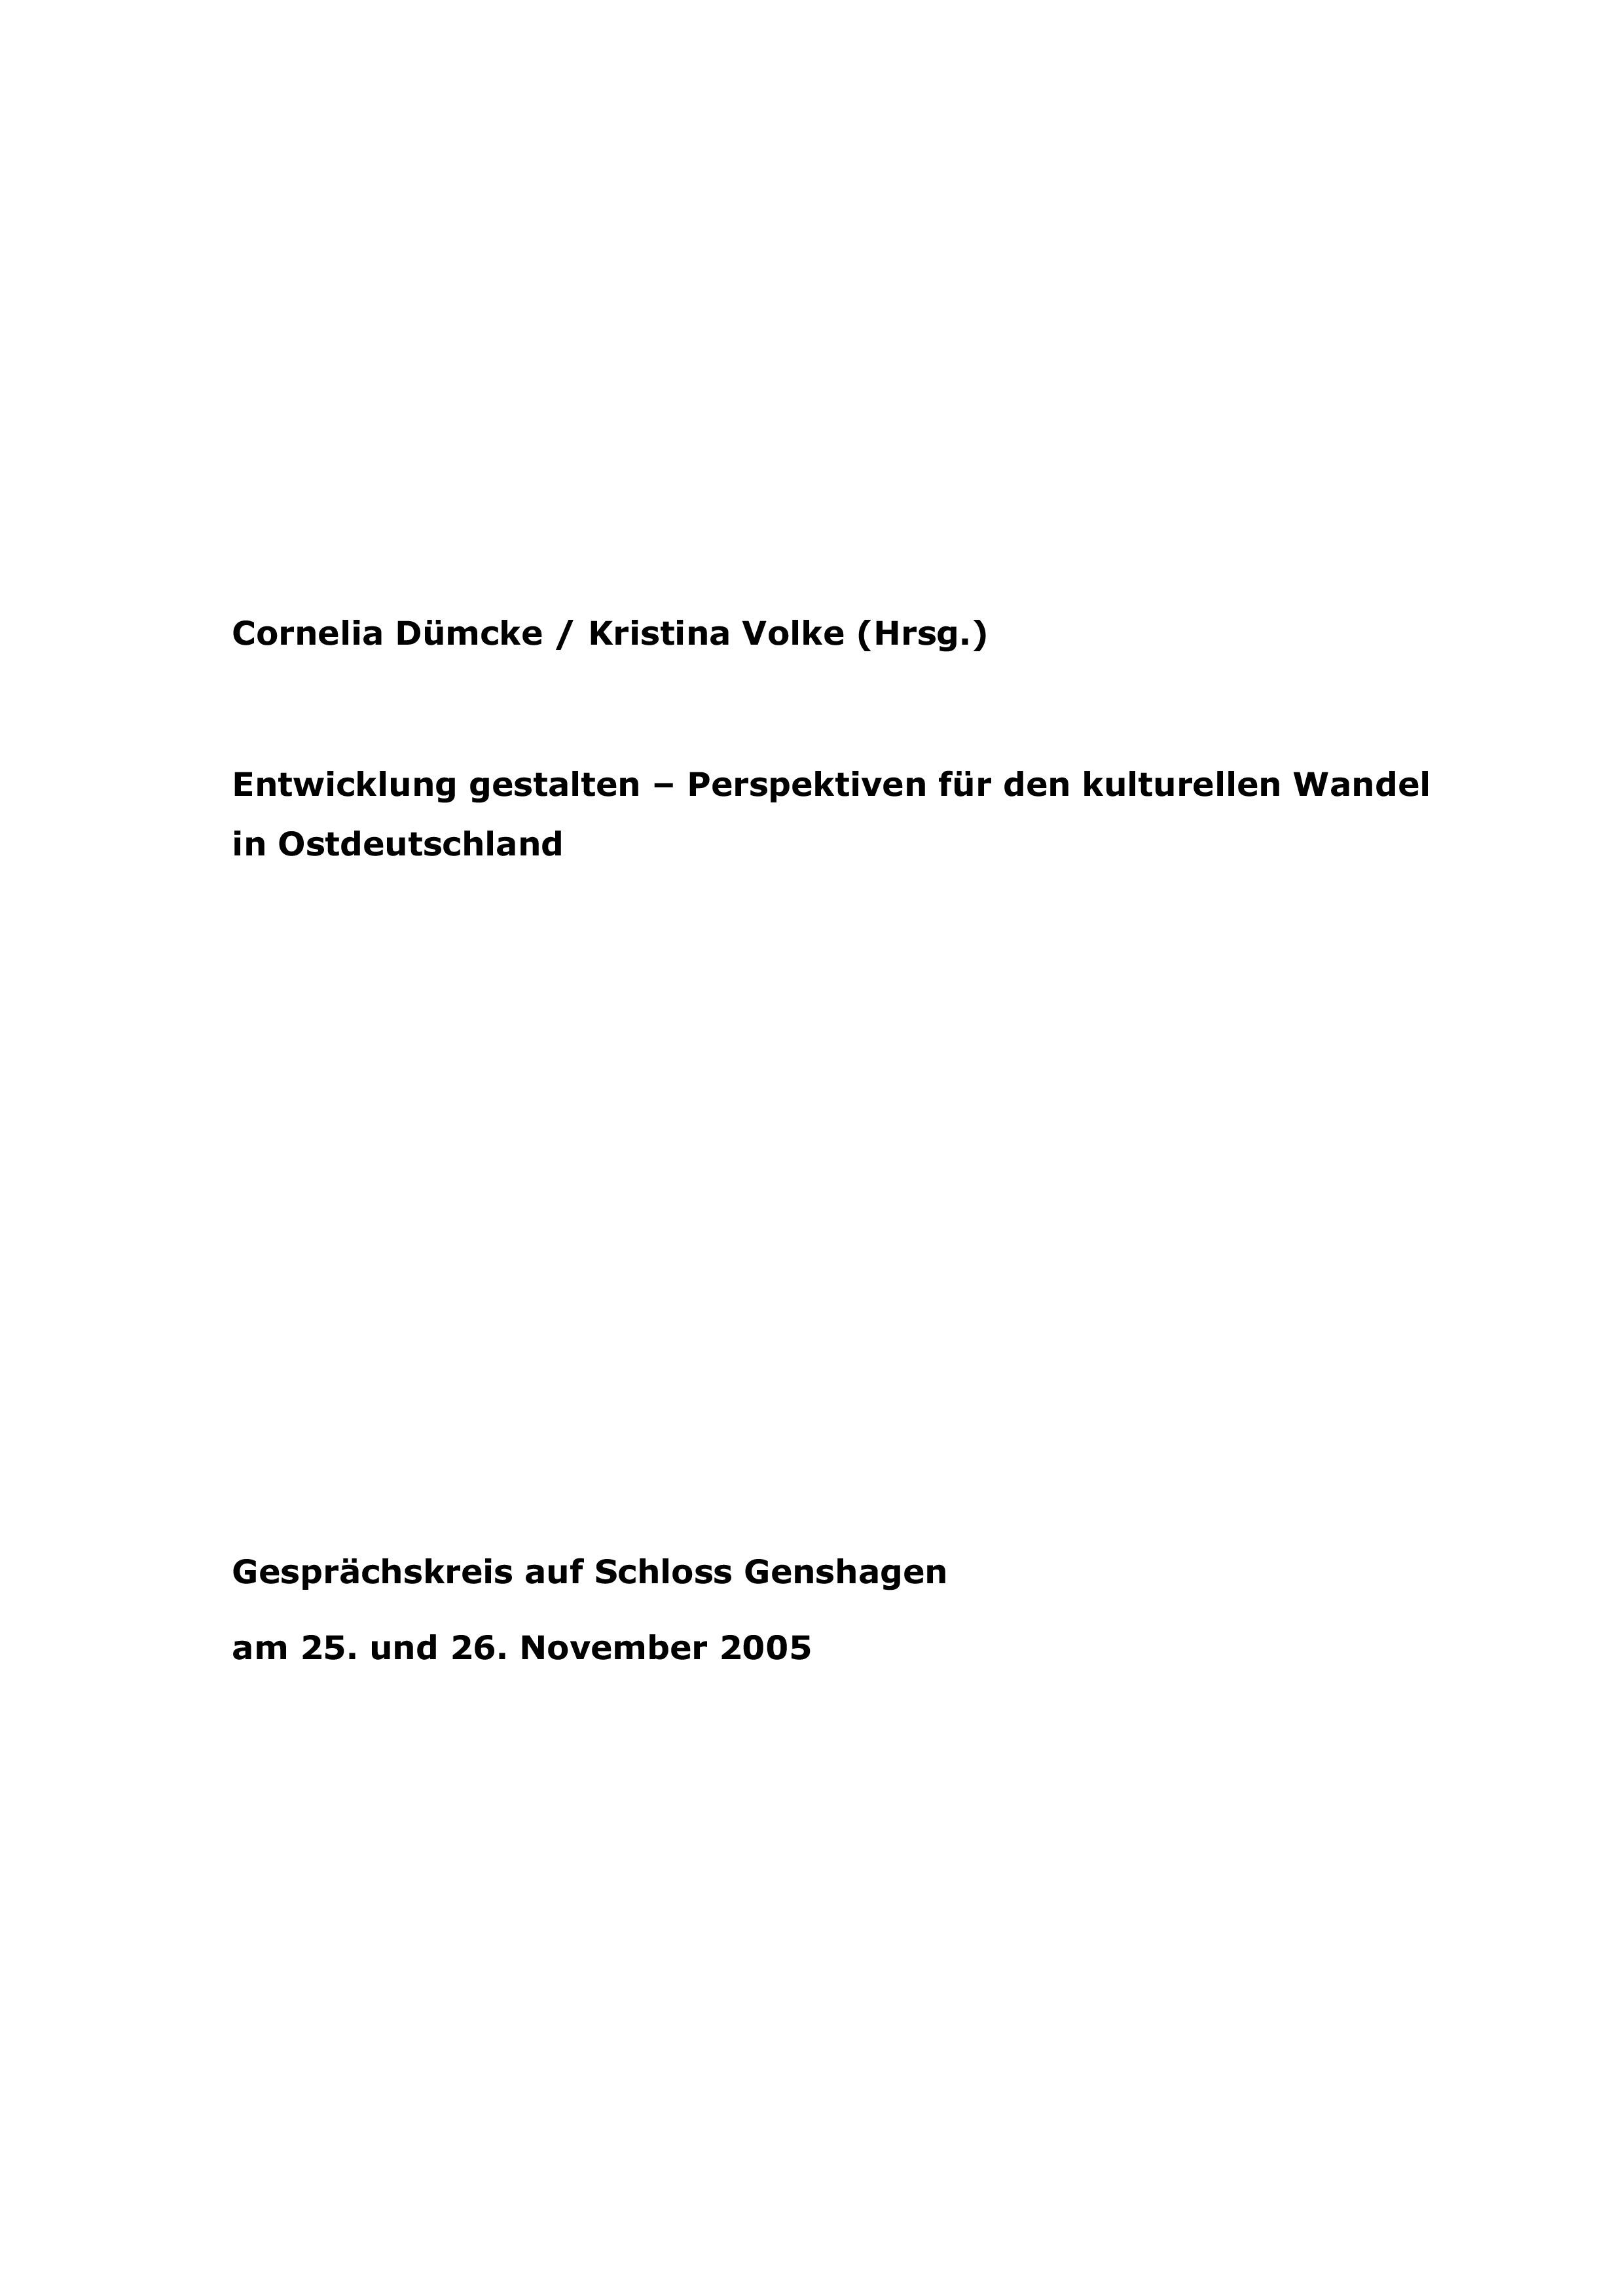 2006_DB_Dümcke_Volke_Kultur und Entwicklung_Ostdeutschland.jpg